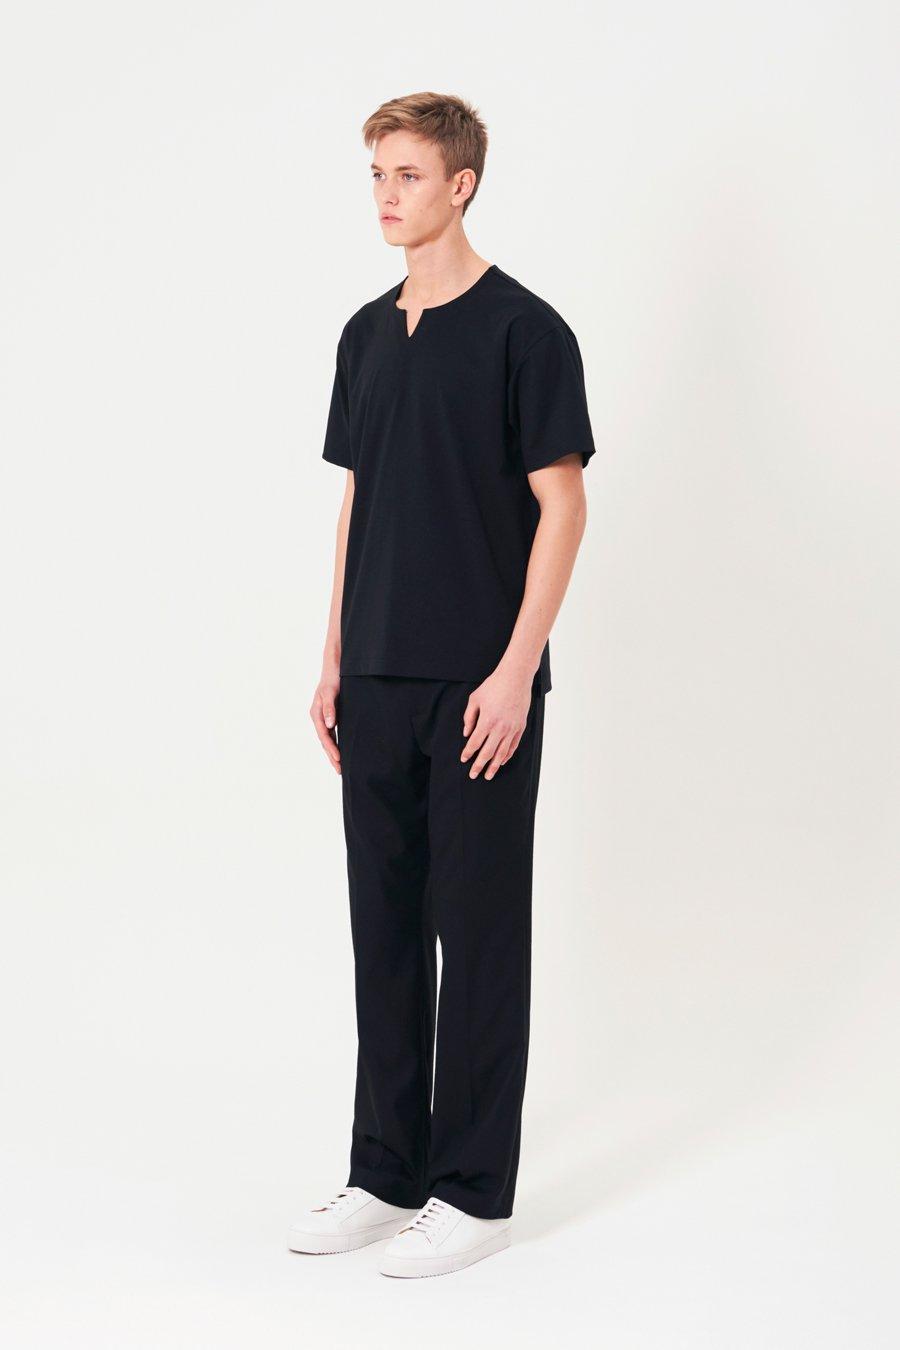 인사일런스(INSILENCE) 노치넥 티셔츠 BLACK